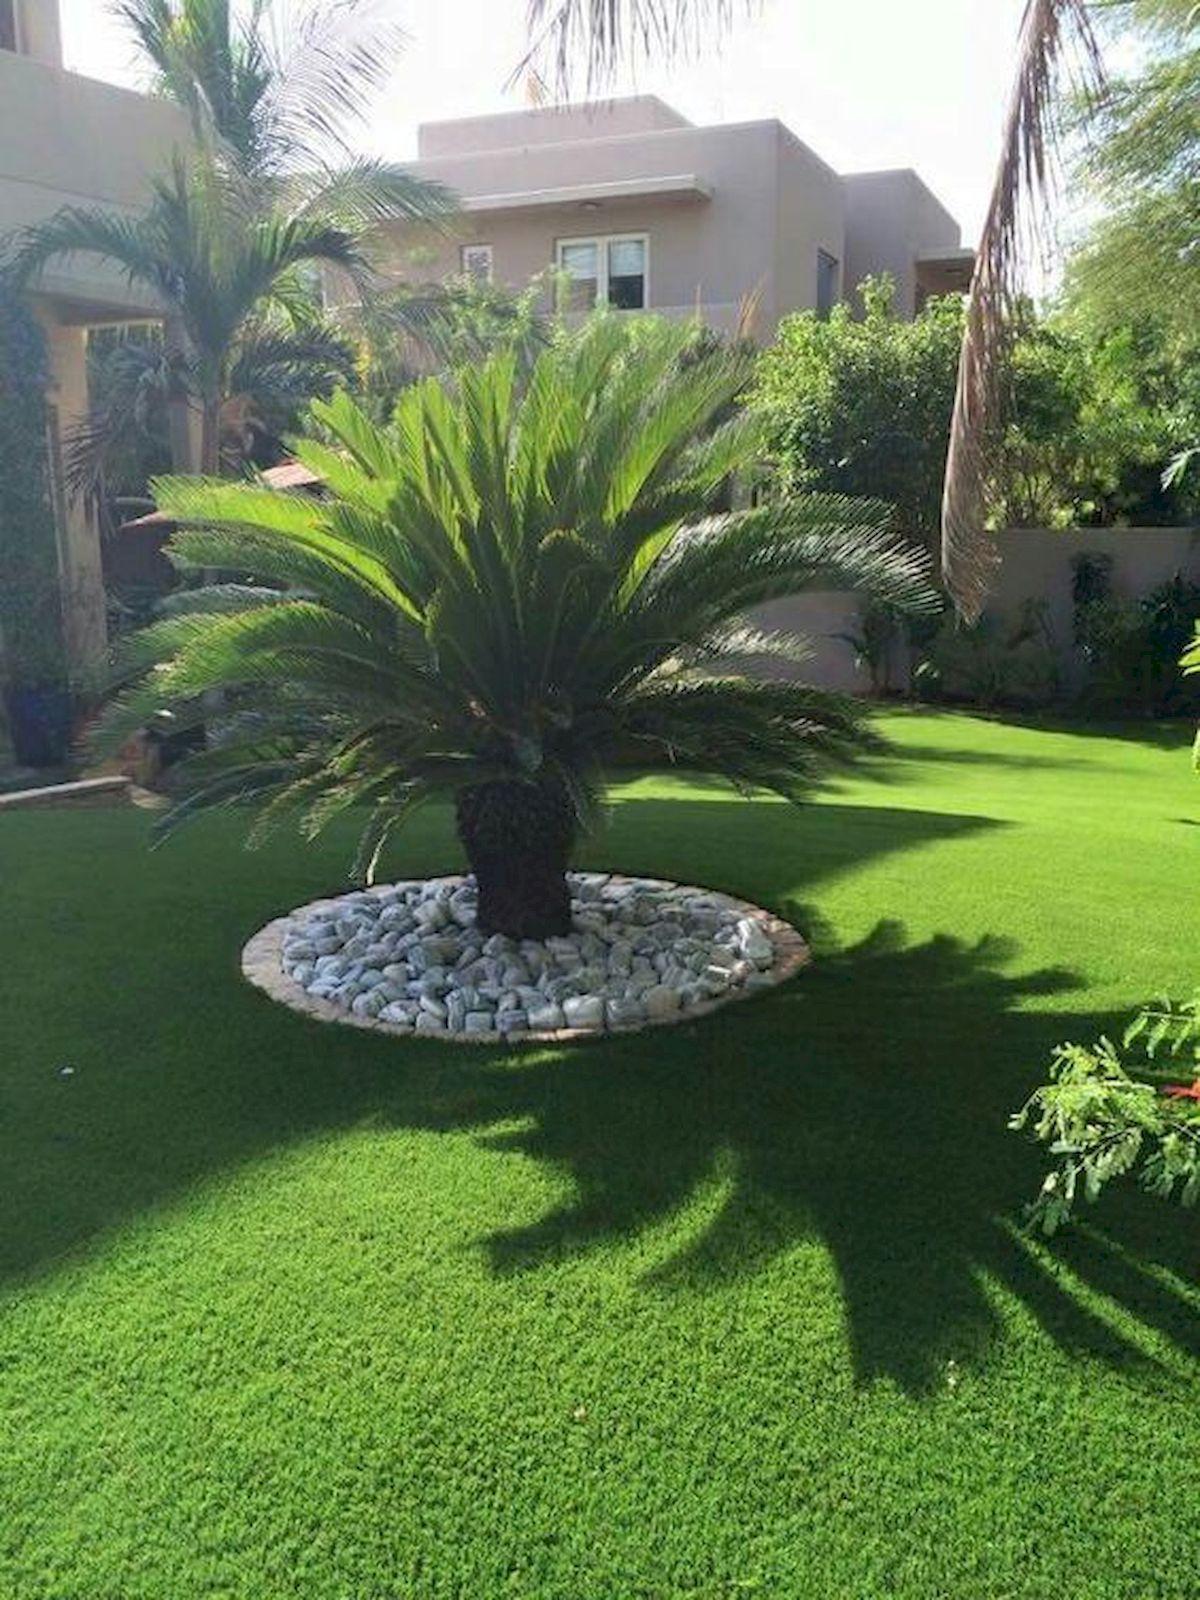 Ravishing Amazing Ways Design Landscape Garden Front Yard Landscaping Design Front Yard Landscaping Garden Yard Ideas